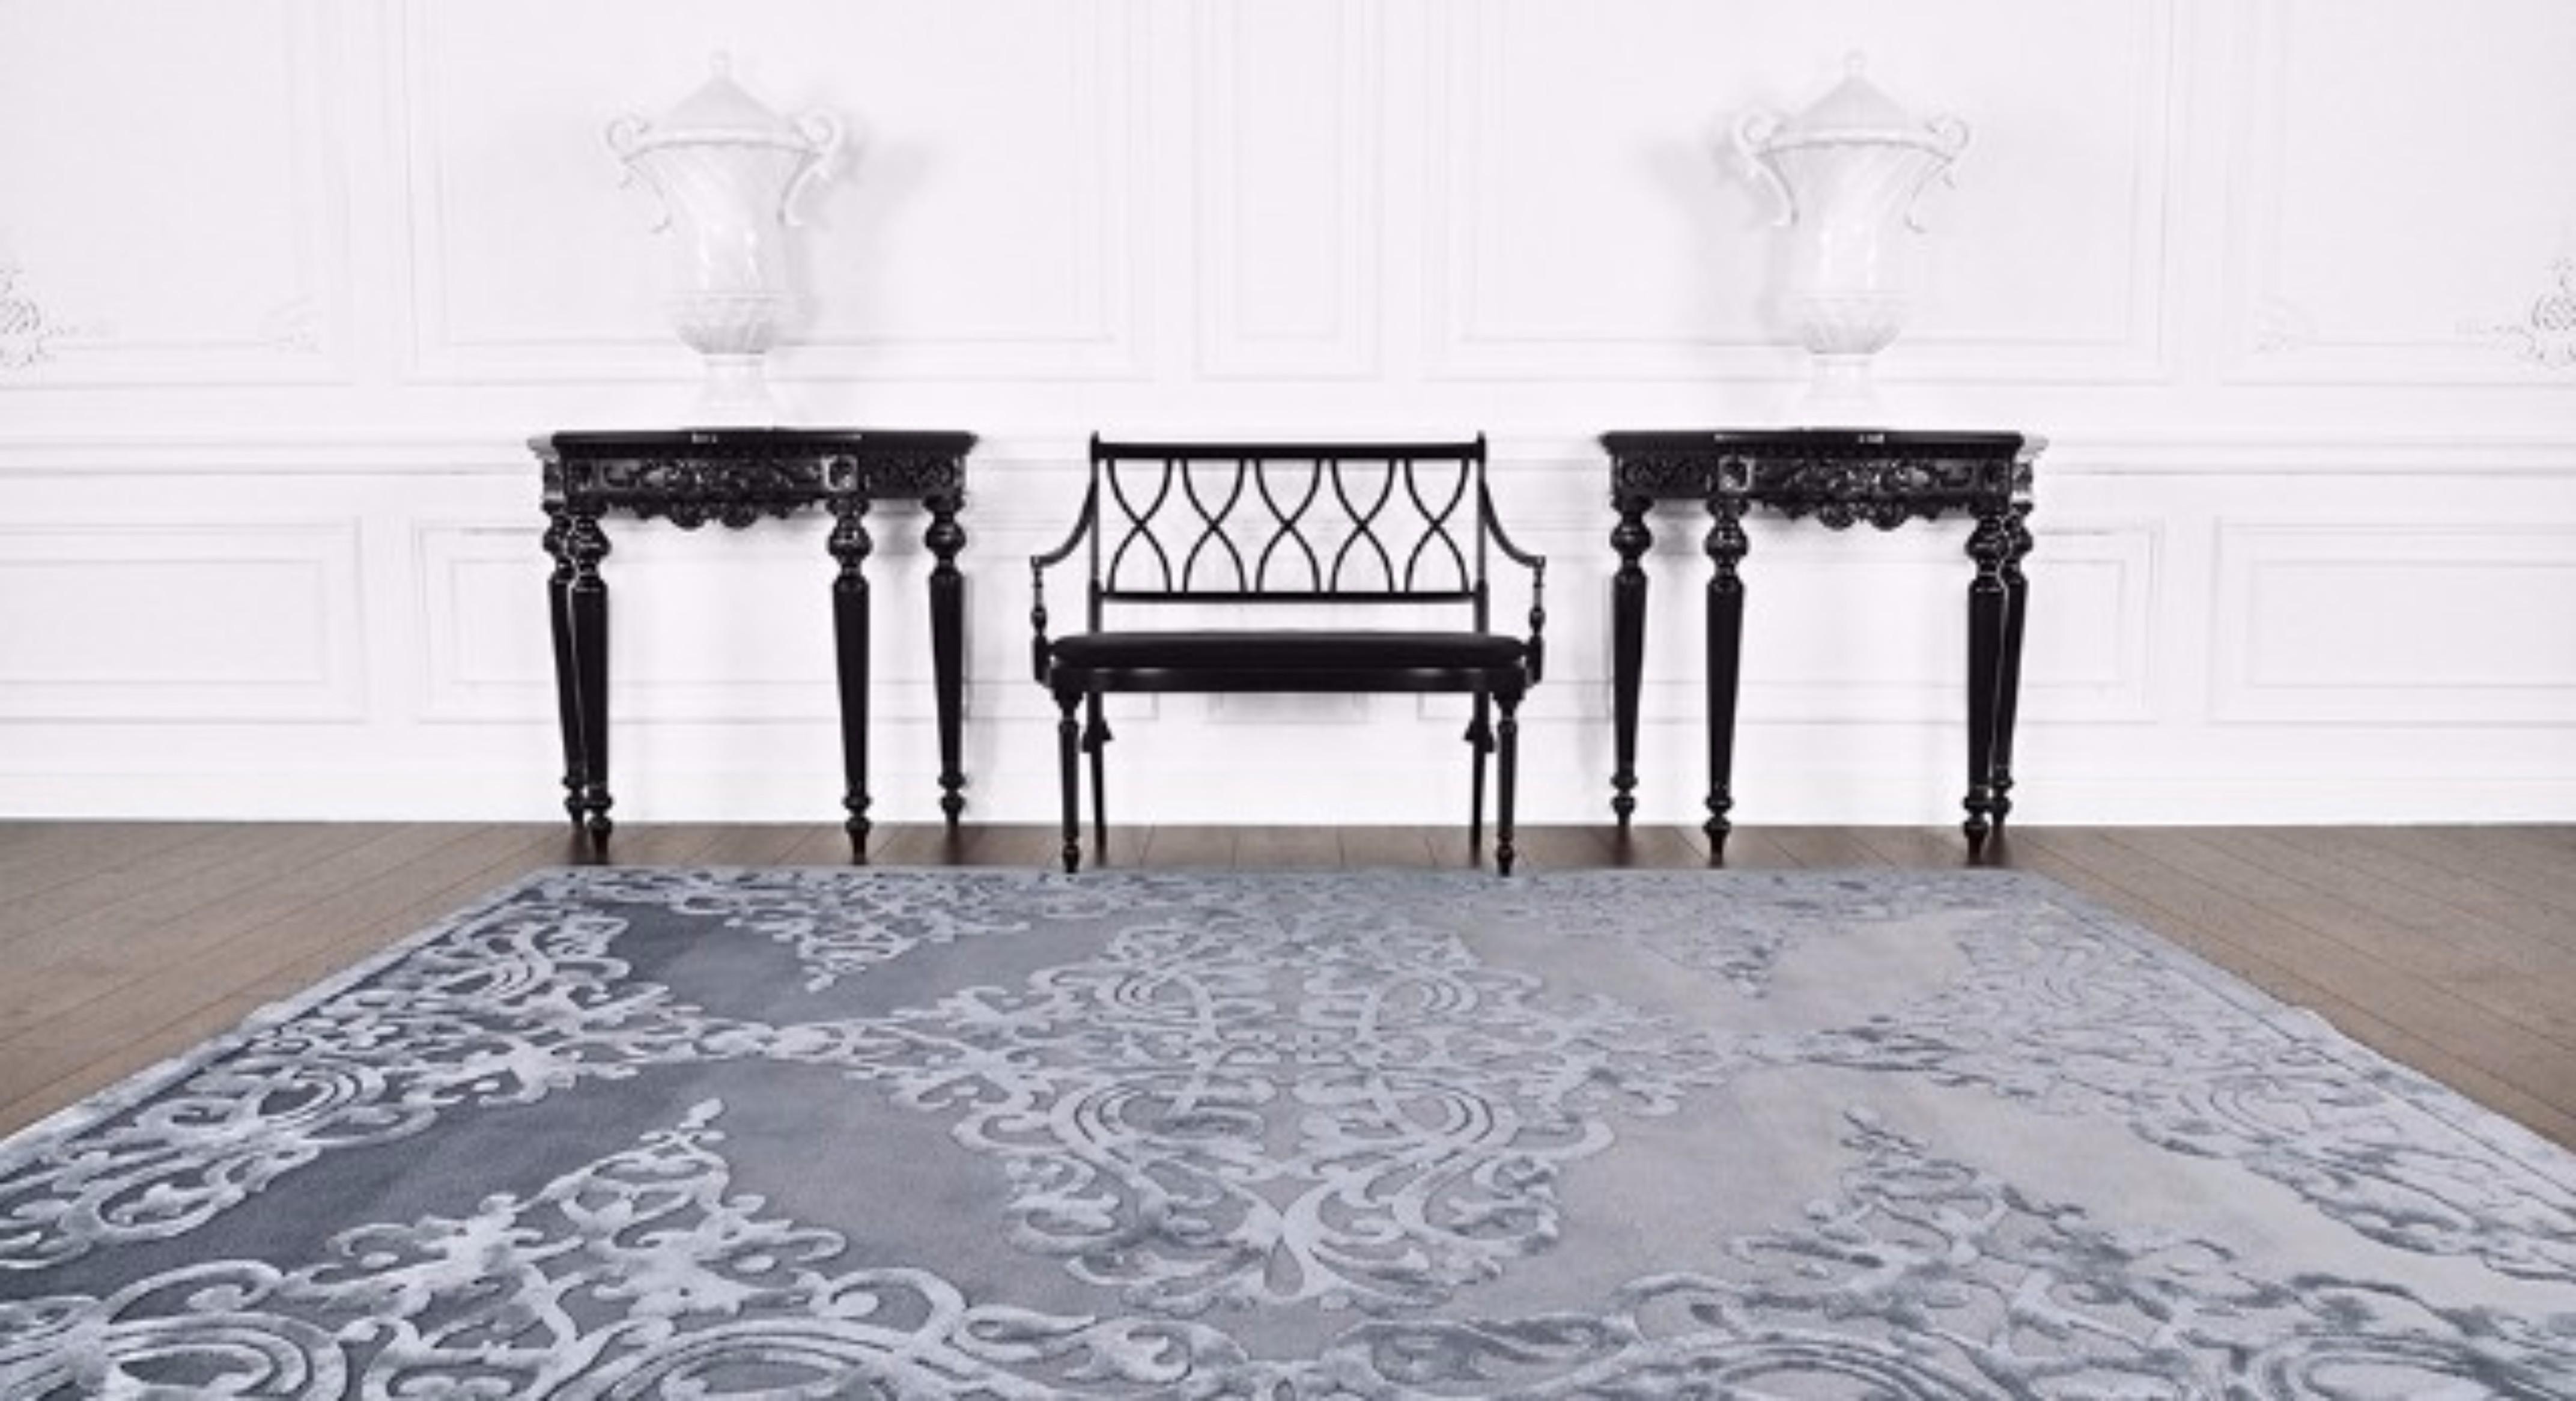 Famous Contemporary Rug Designers contemporary rug designers Famous Contemporary Rug Designers Gianfranco Ferre